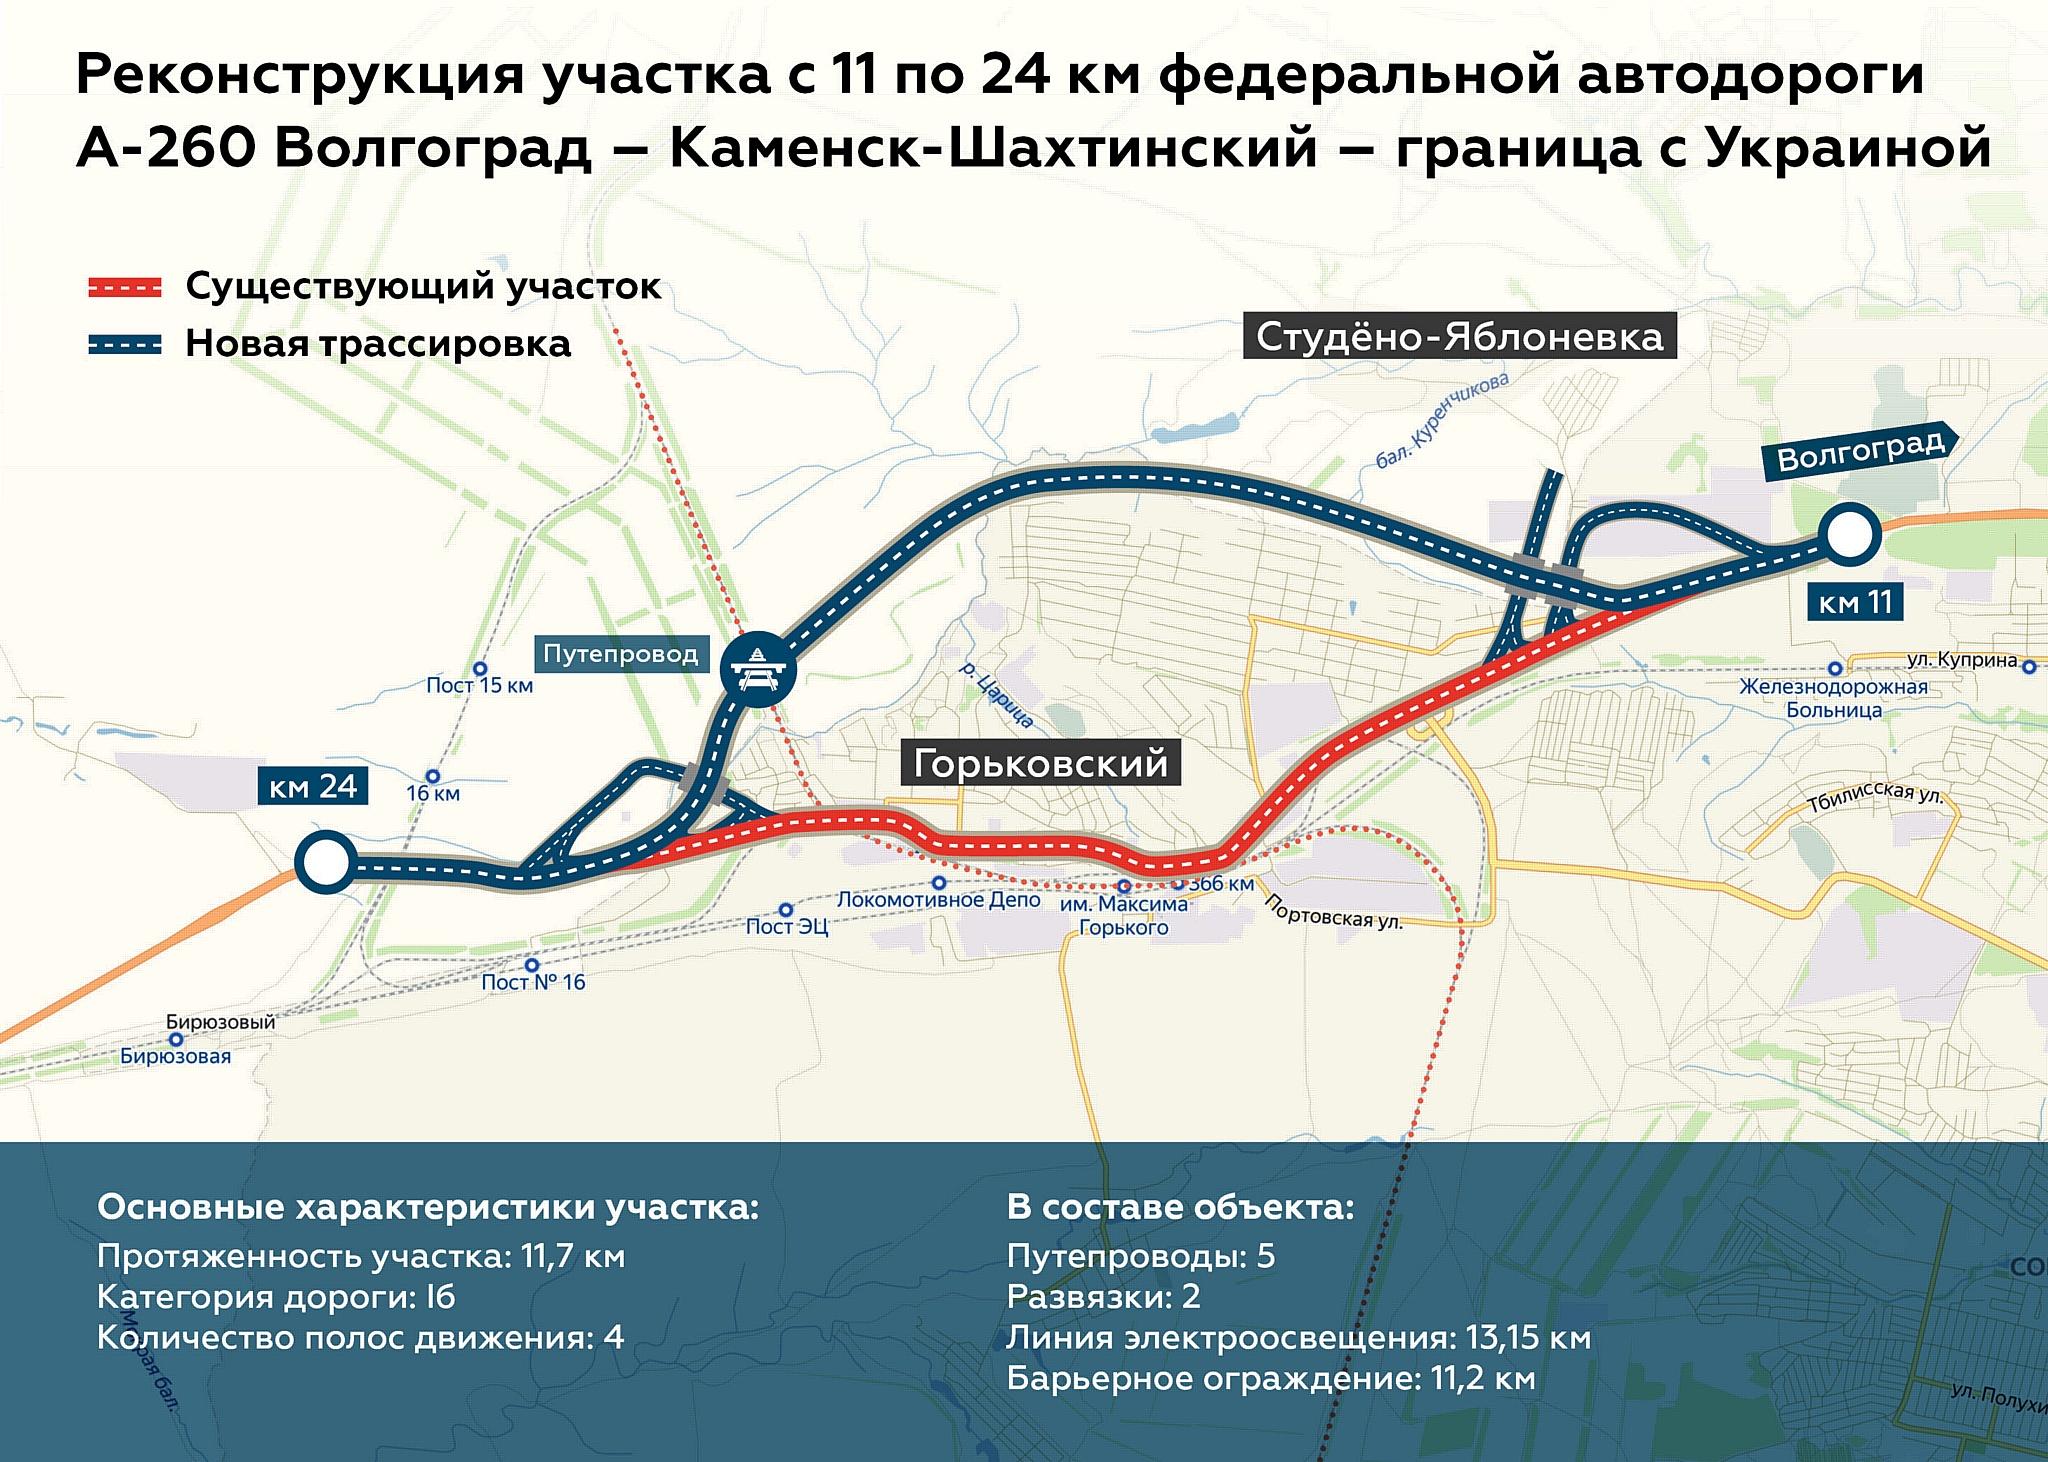 В Волгограде приступили к реконструкции трассы А-260